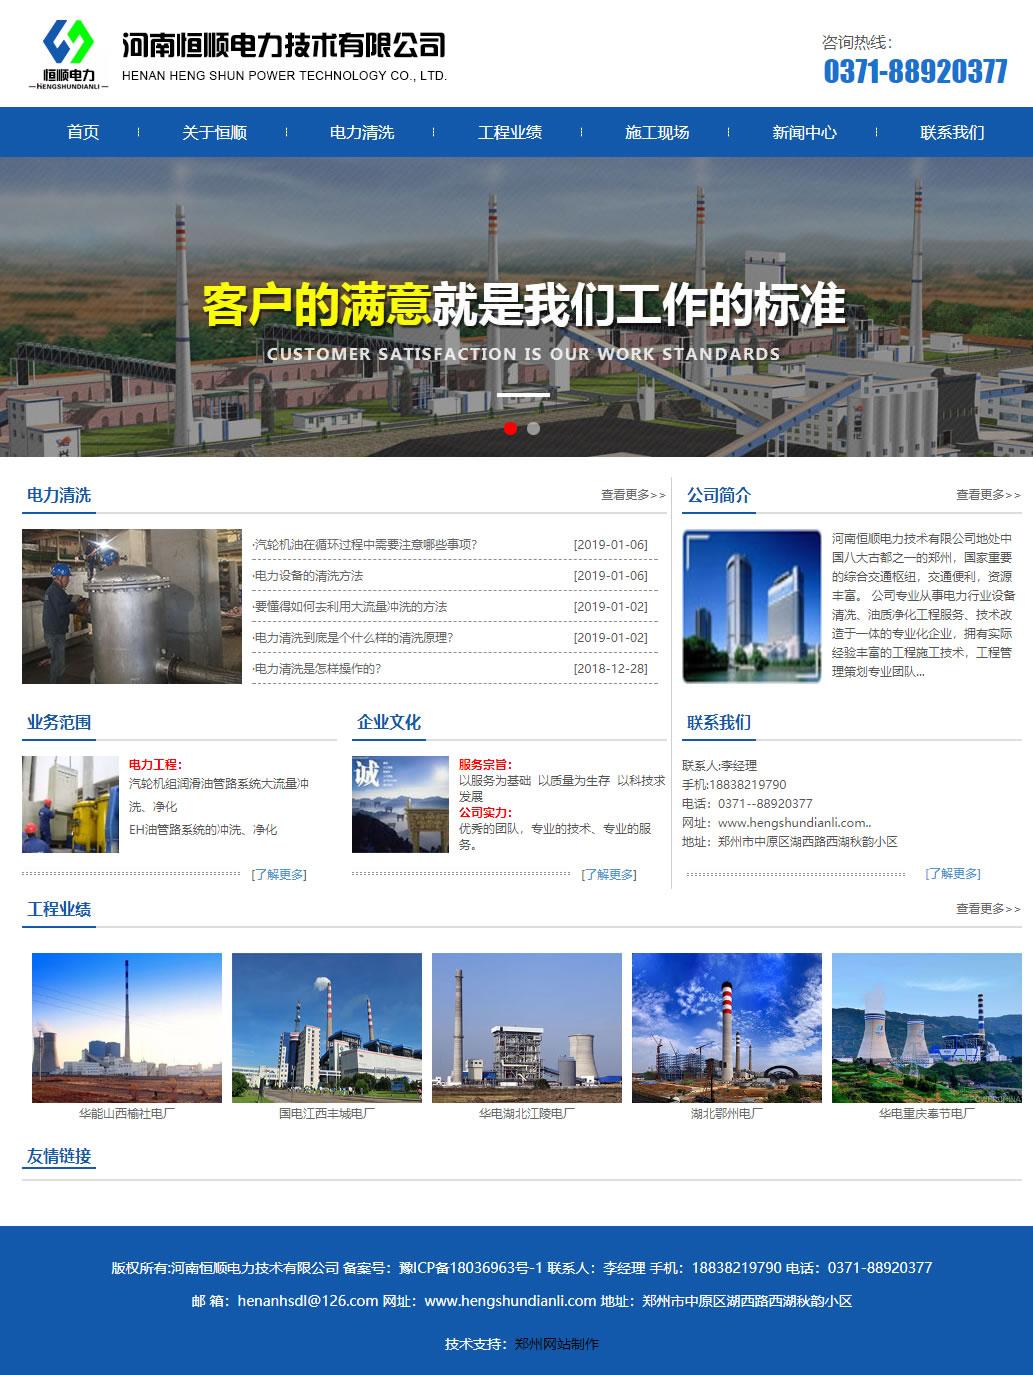 河南恒顺电力技术有限公司首页截图